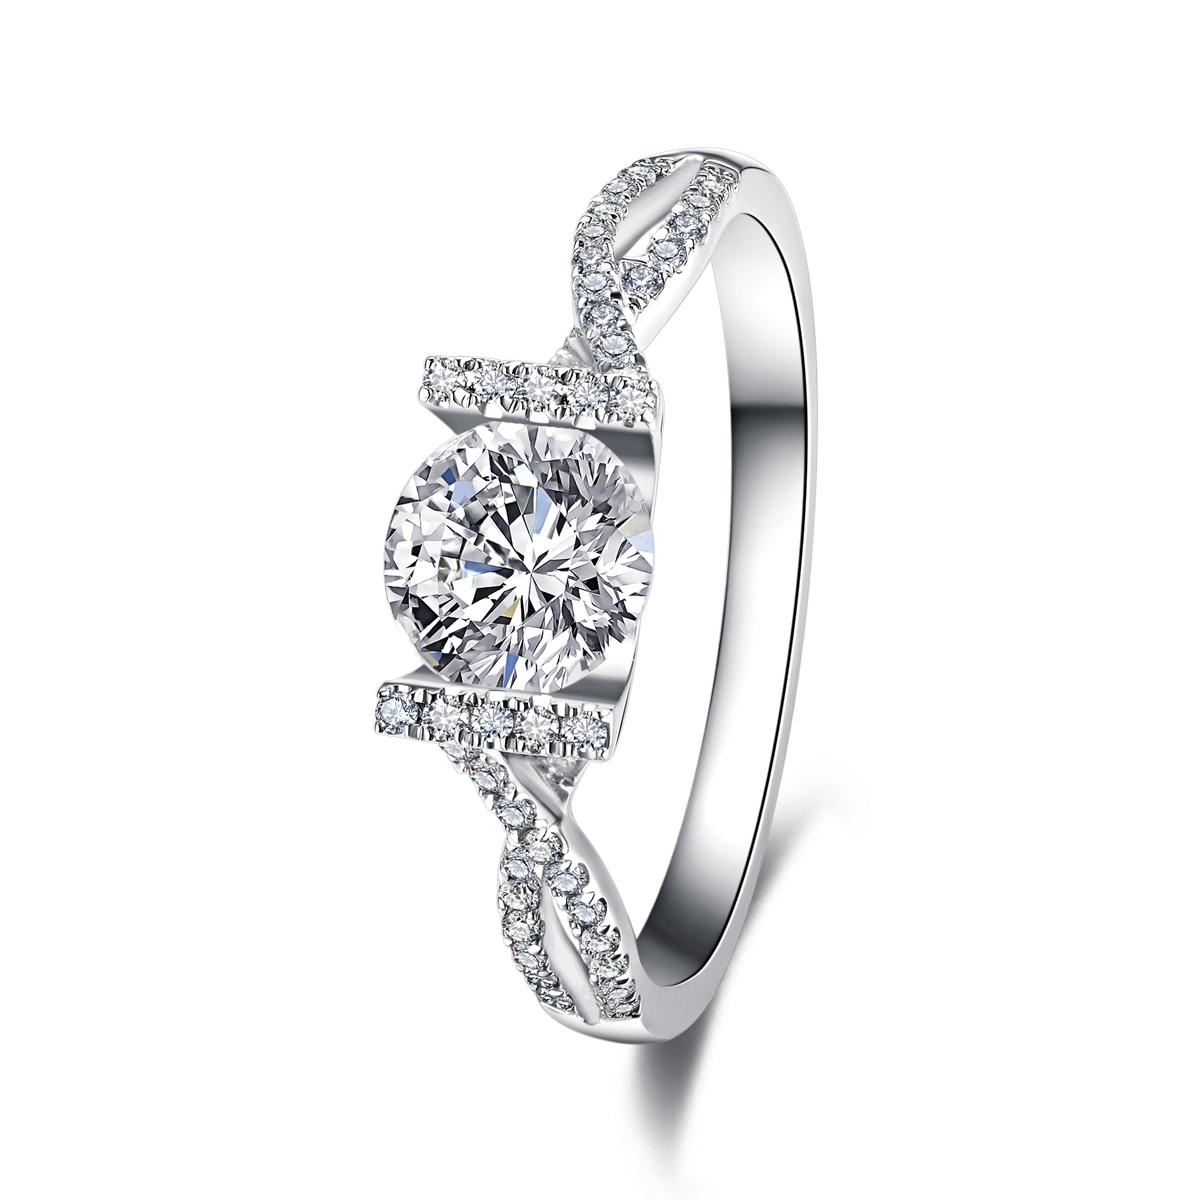 圣诞节求婚钻戒怎么选?哪个钻戒品牌比较好?